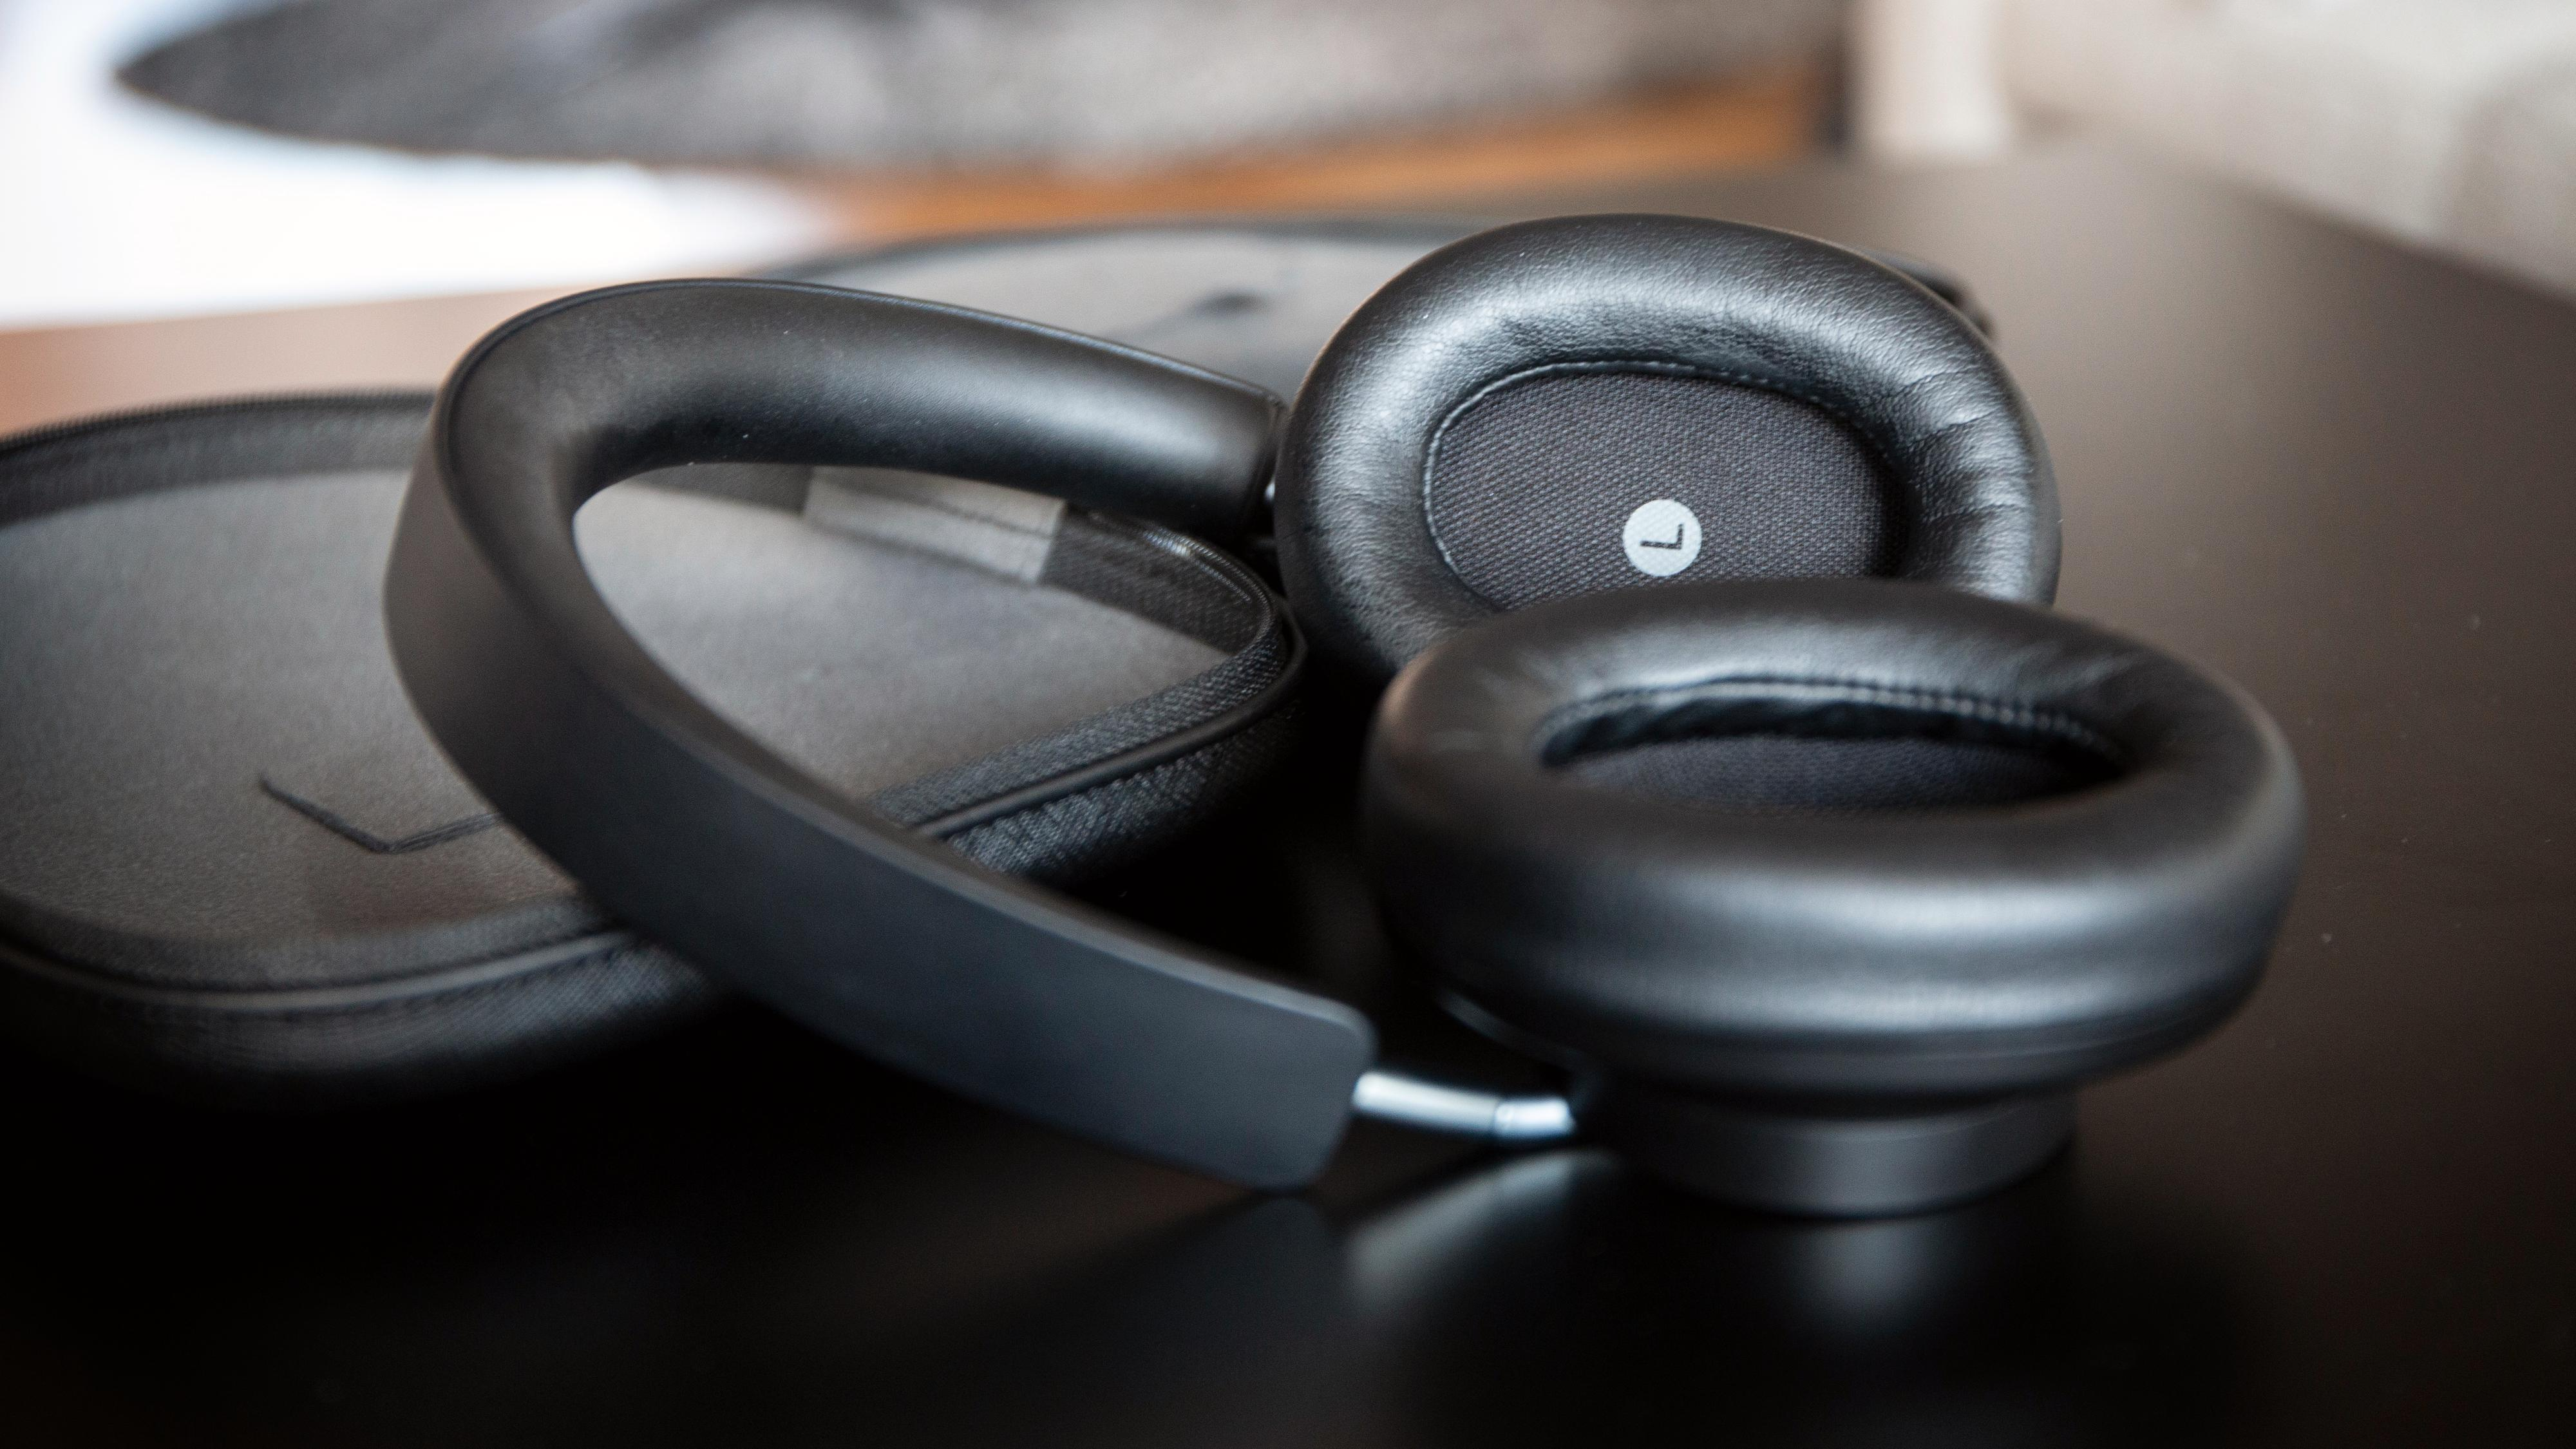 Studie: Ikke skadelig med hodetelefoner, så lenge volumet er moderat